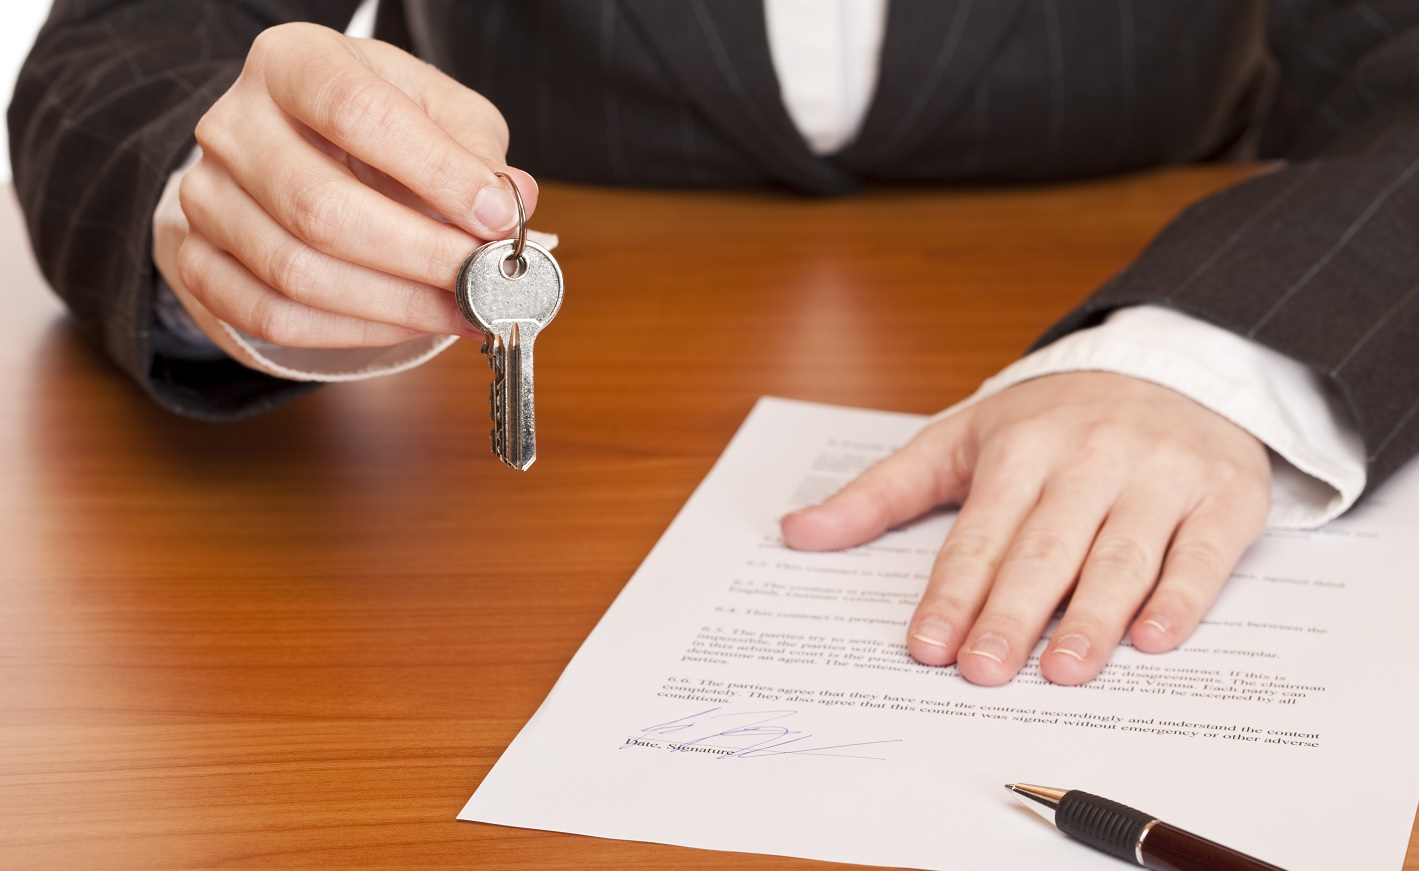 Продажа, покупка квартиры в ипотеку, в кредит: риски продавца и покупателя